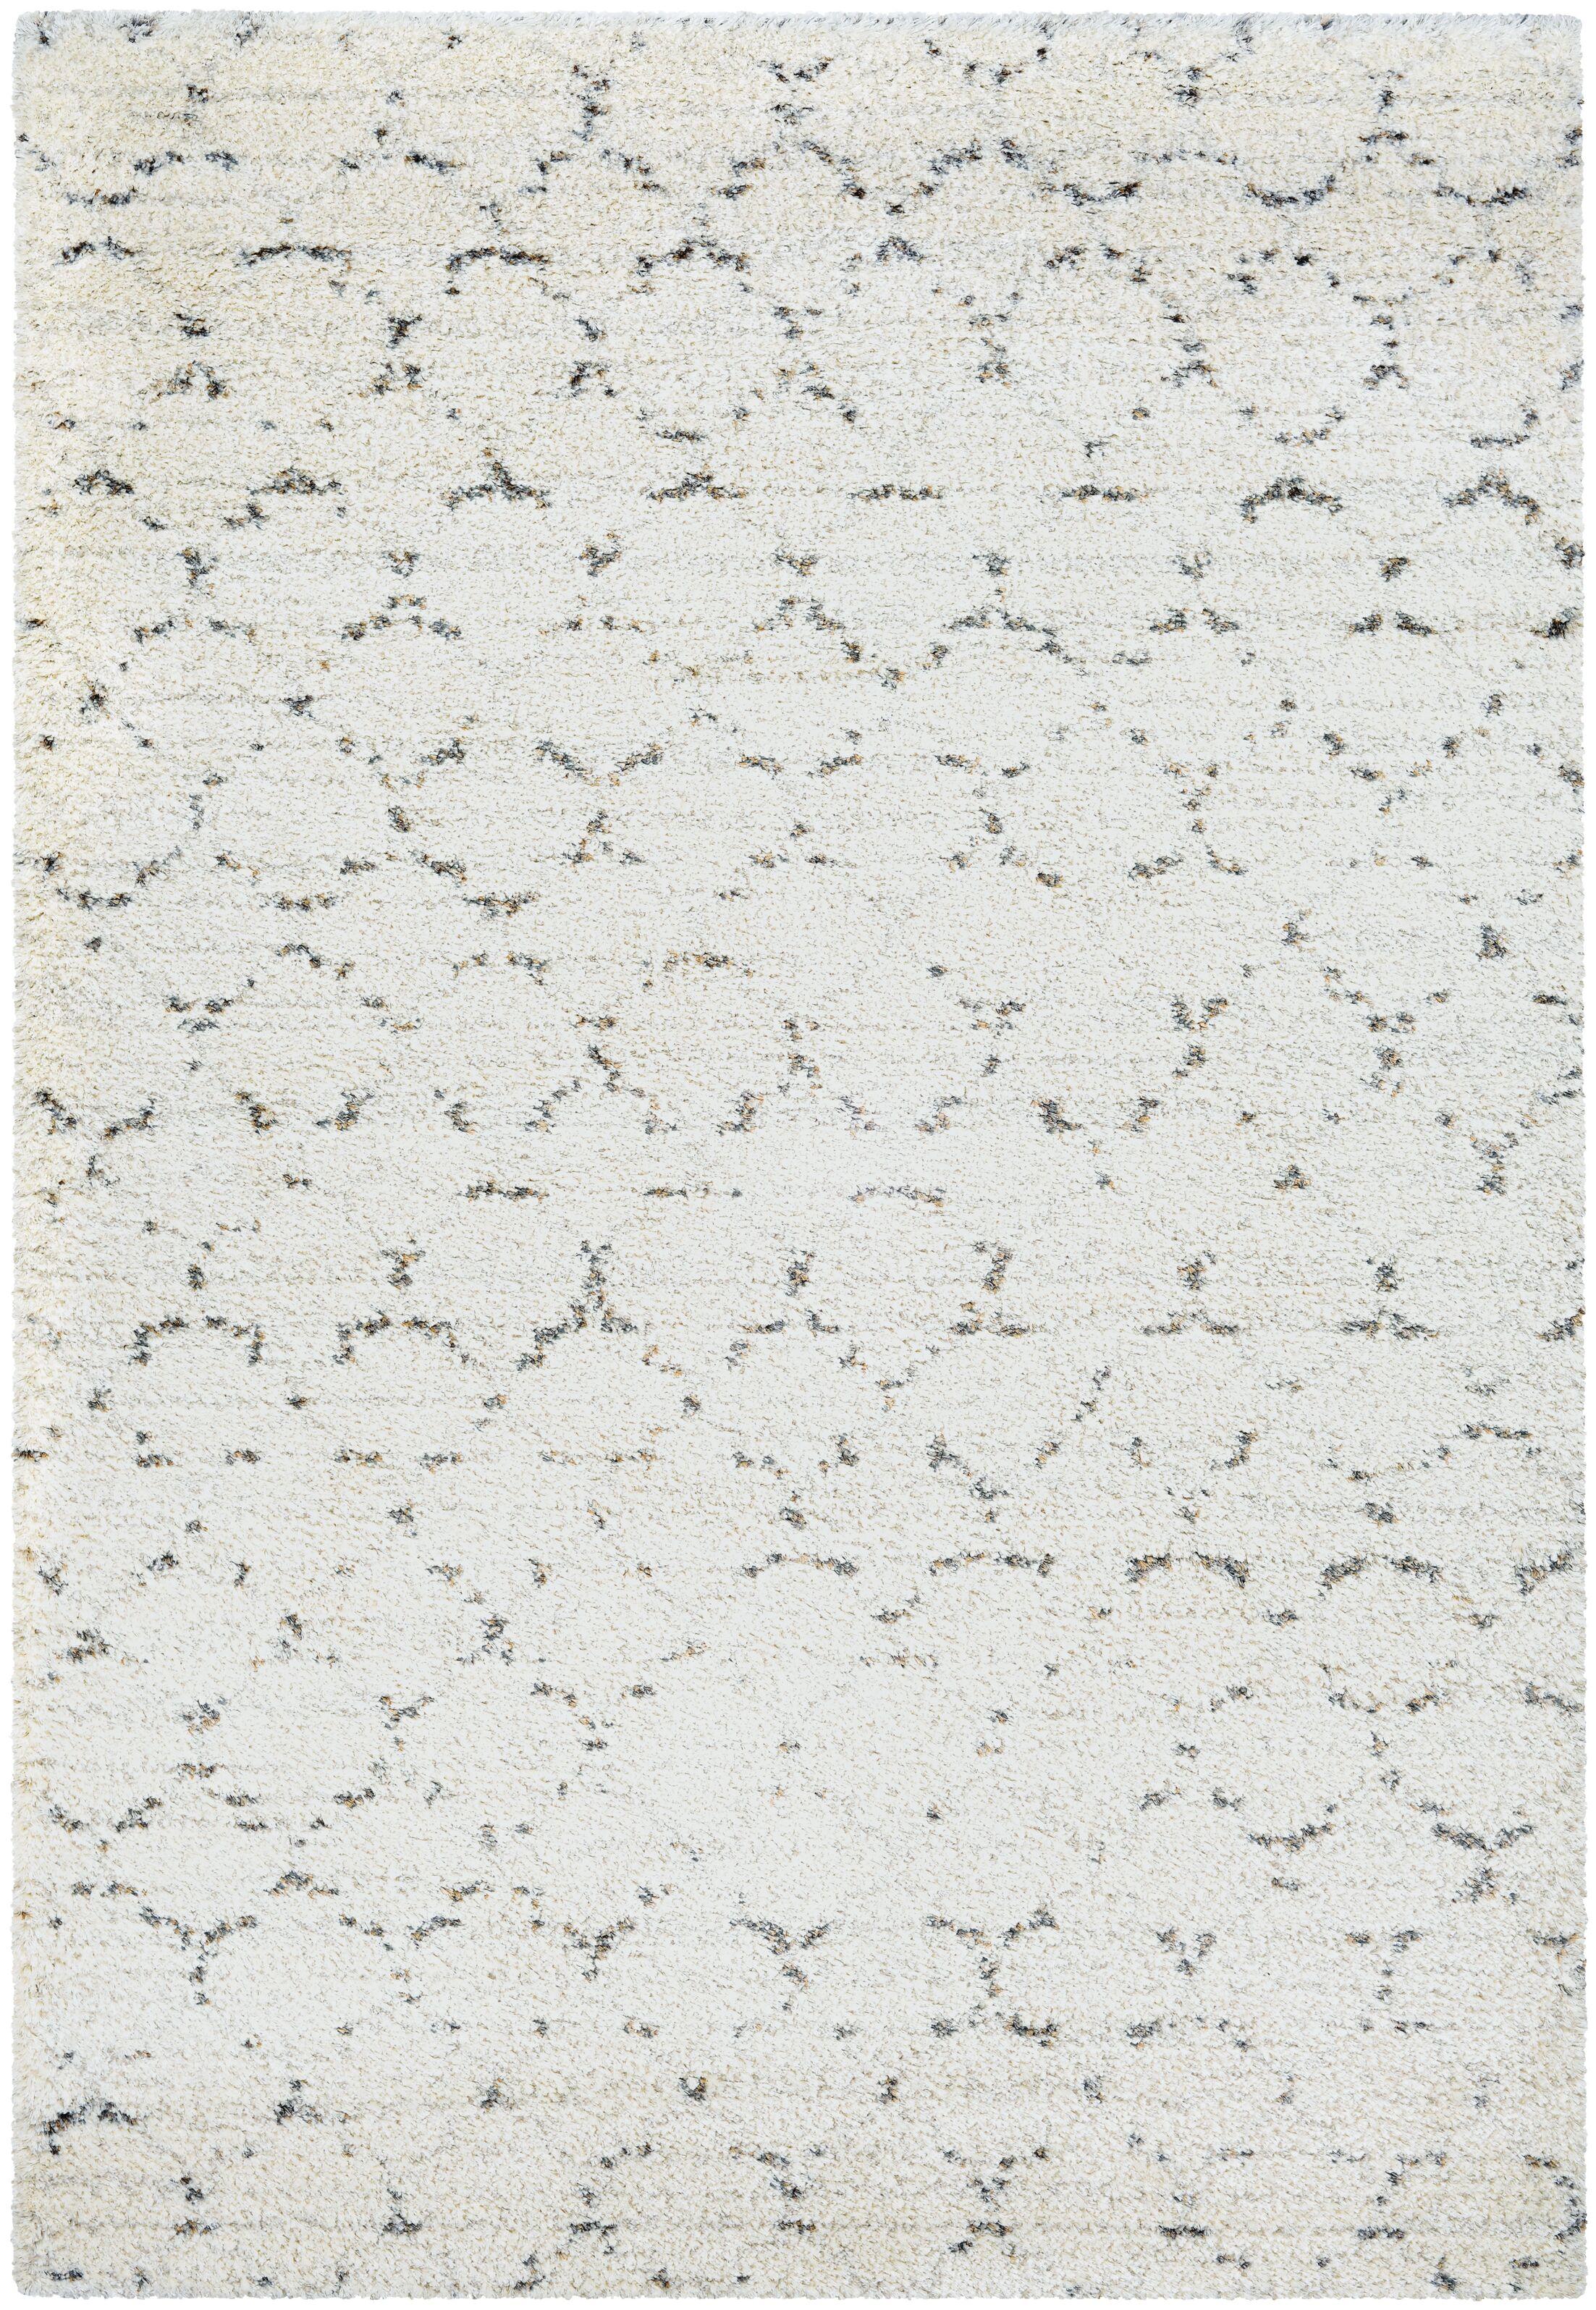 Arona Snow/Brown Area Rug Rug Size: Rectangle 7'10